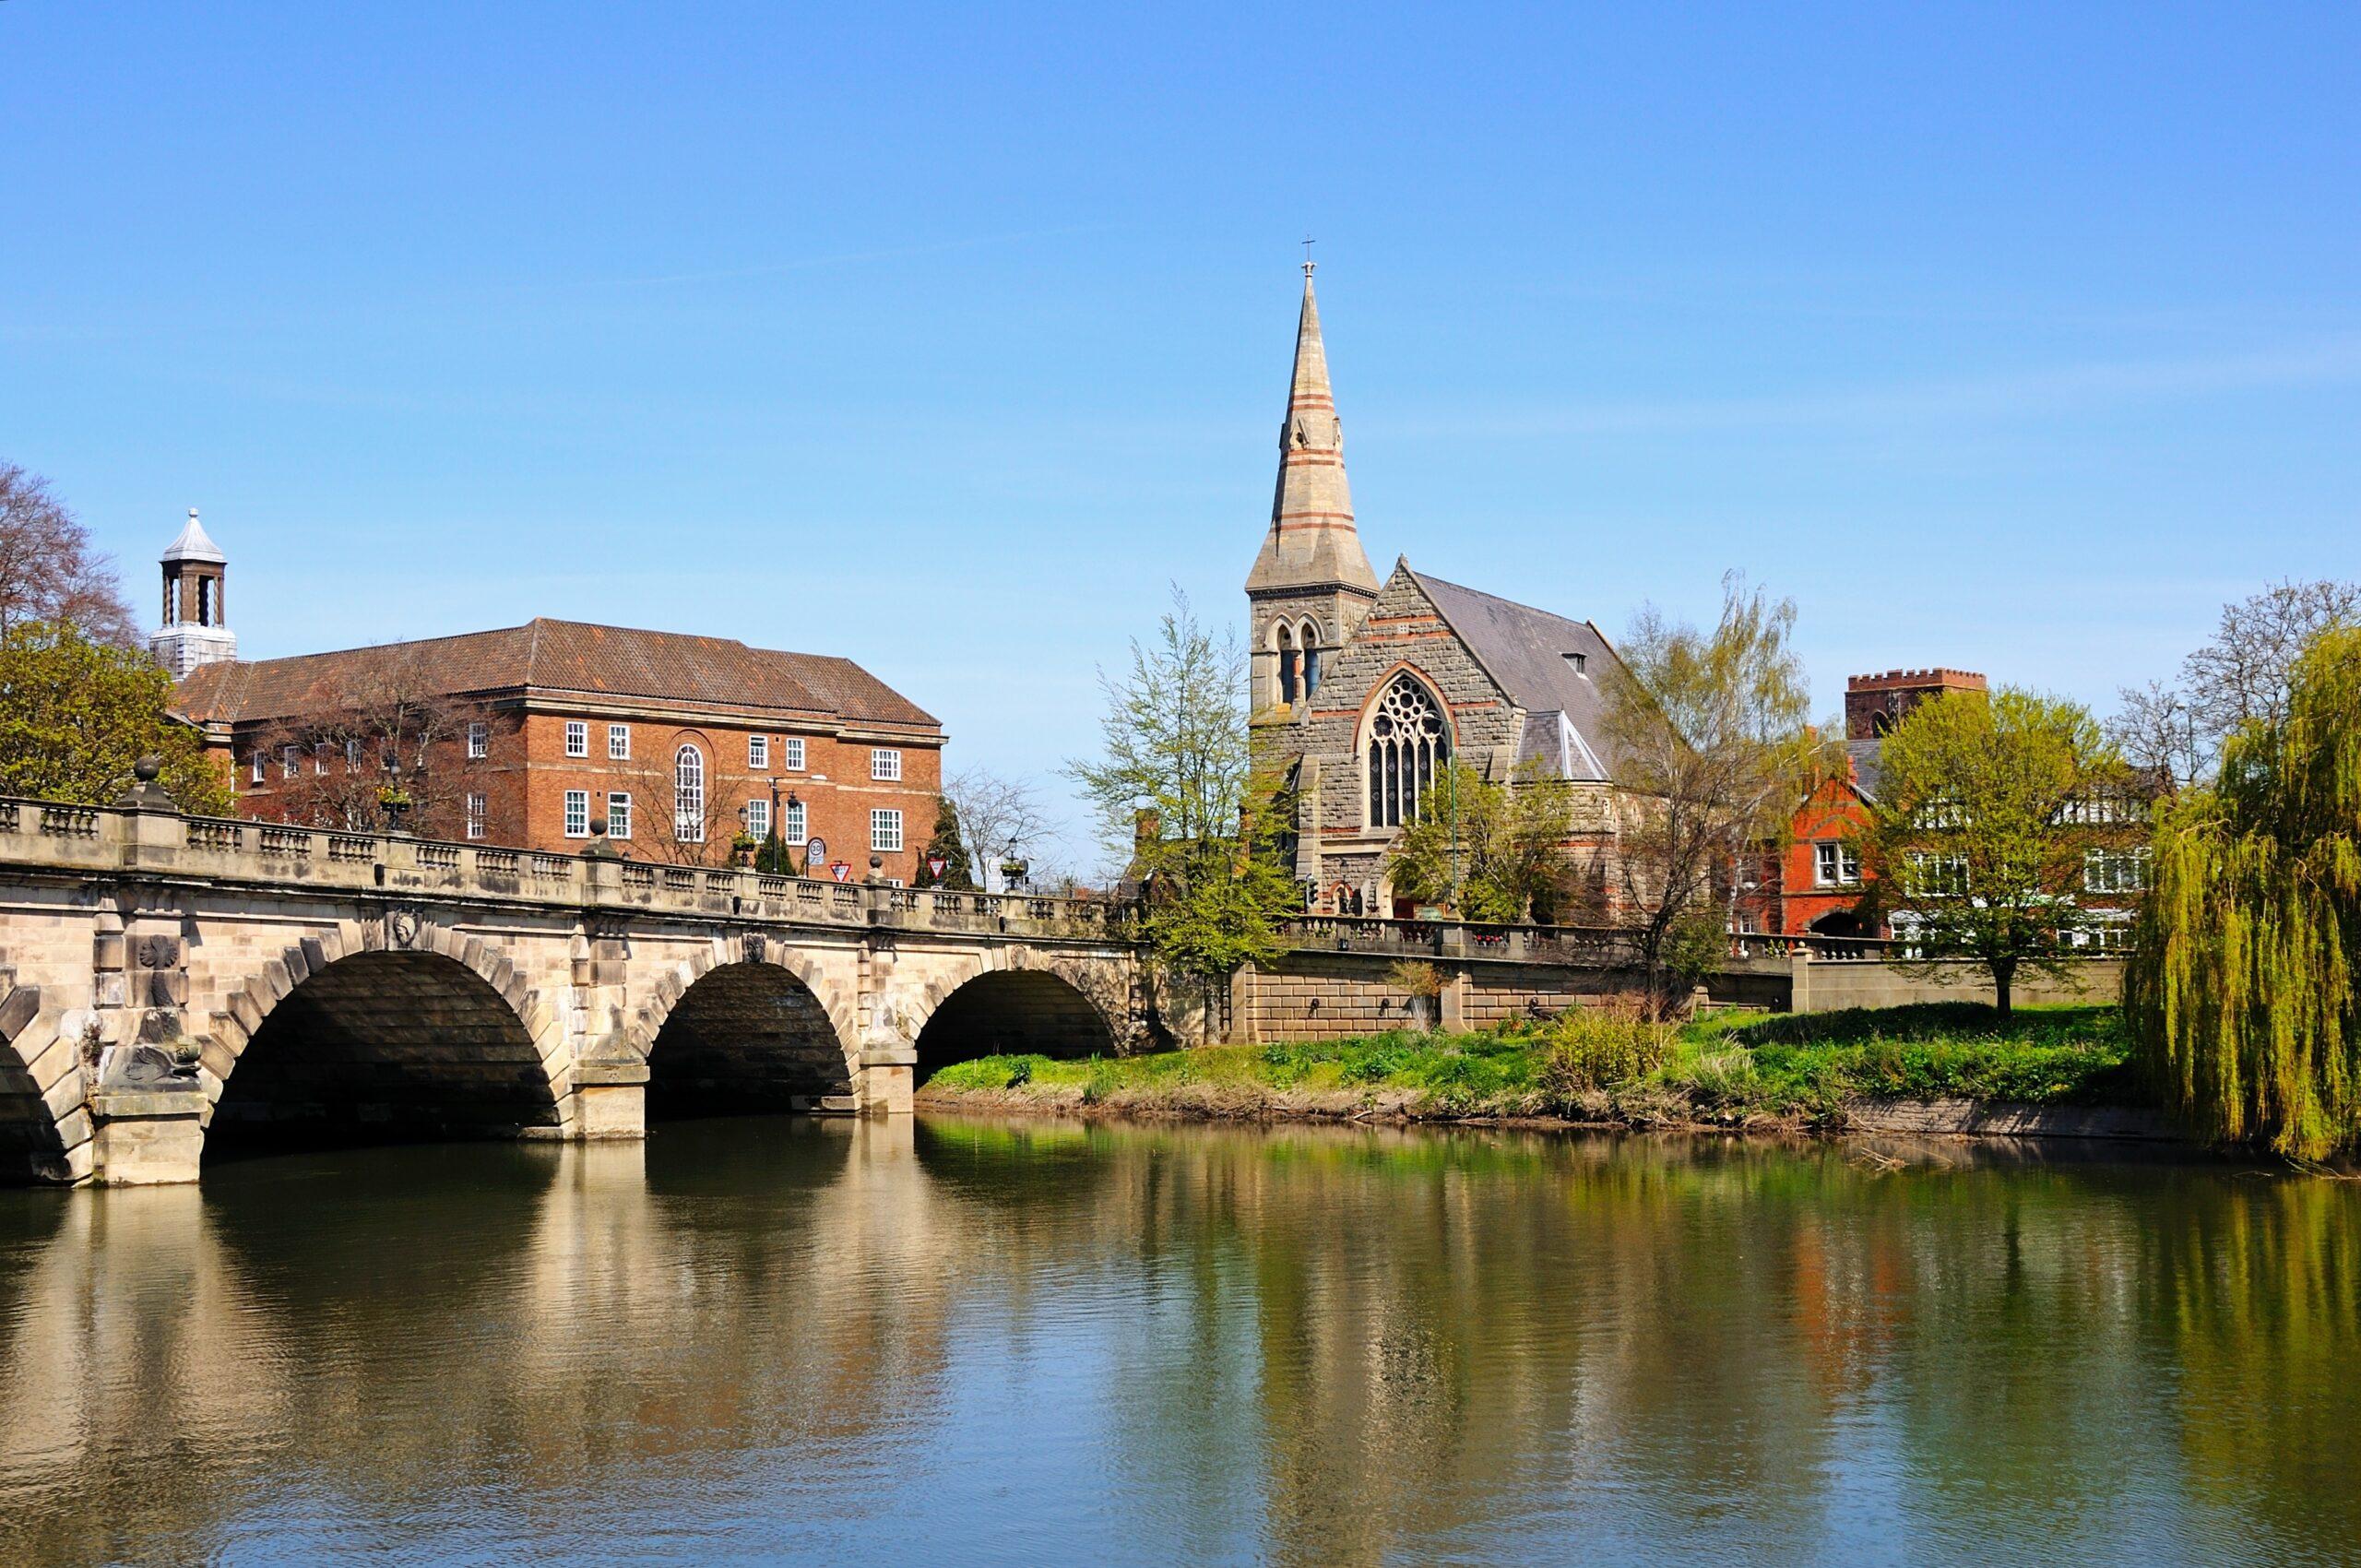 Shrewsbury English Bridge